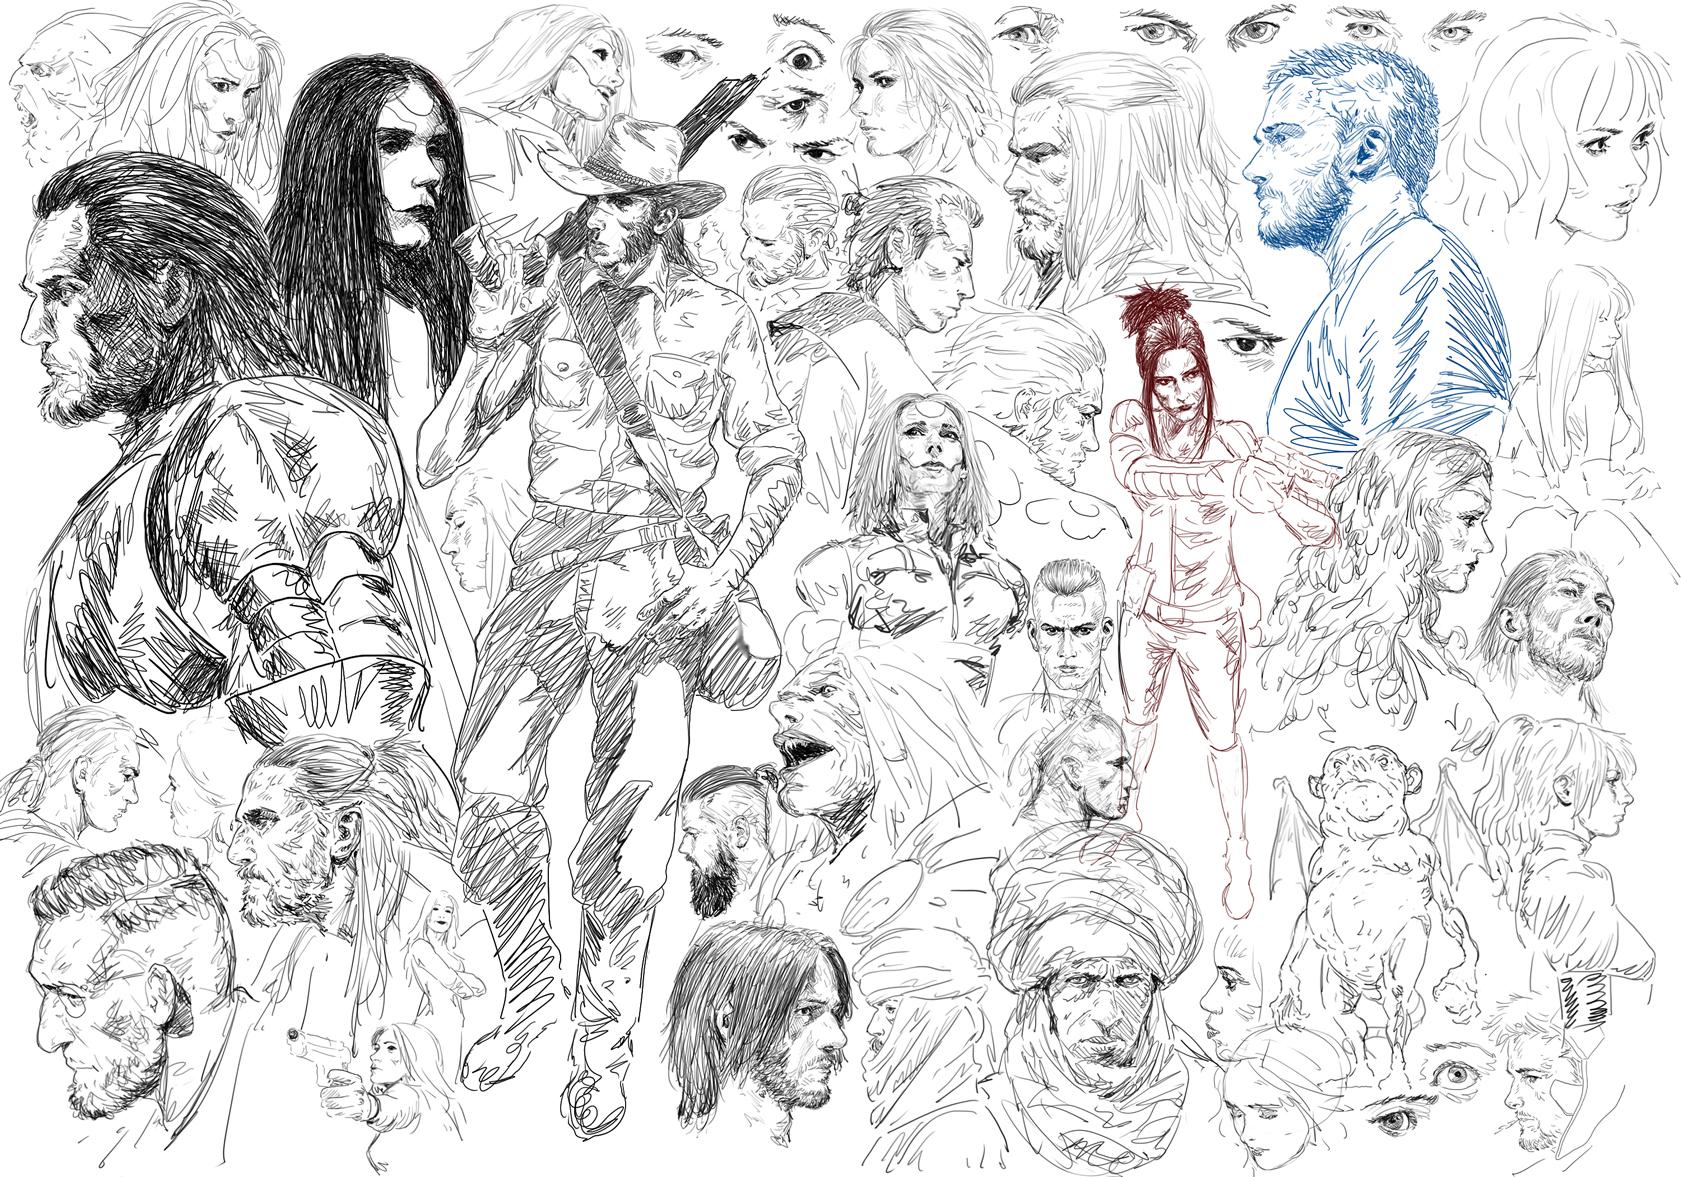 Recherches graphiques de Dagorath - Page 5 1567439255-sketchs-random-9038337282